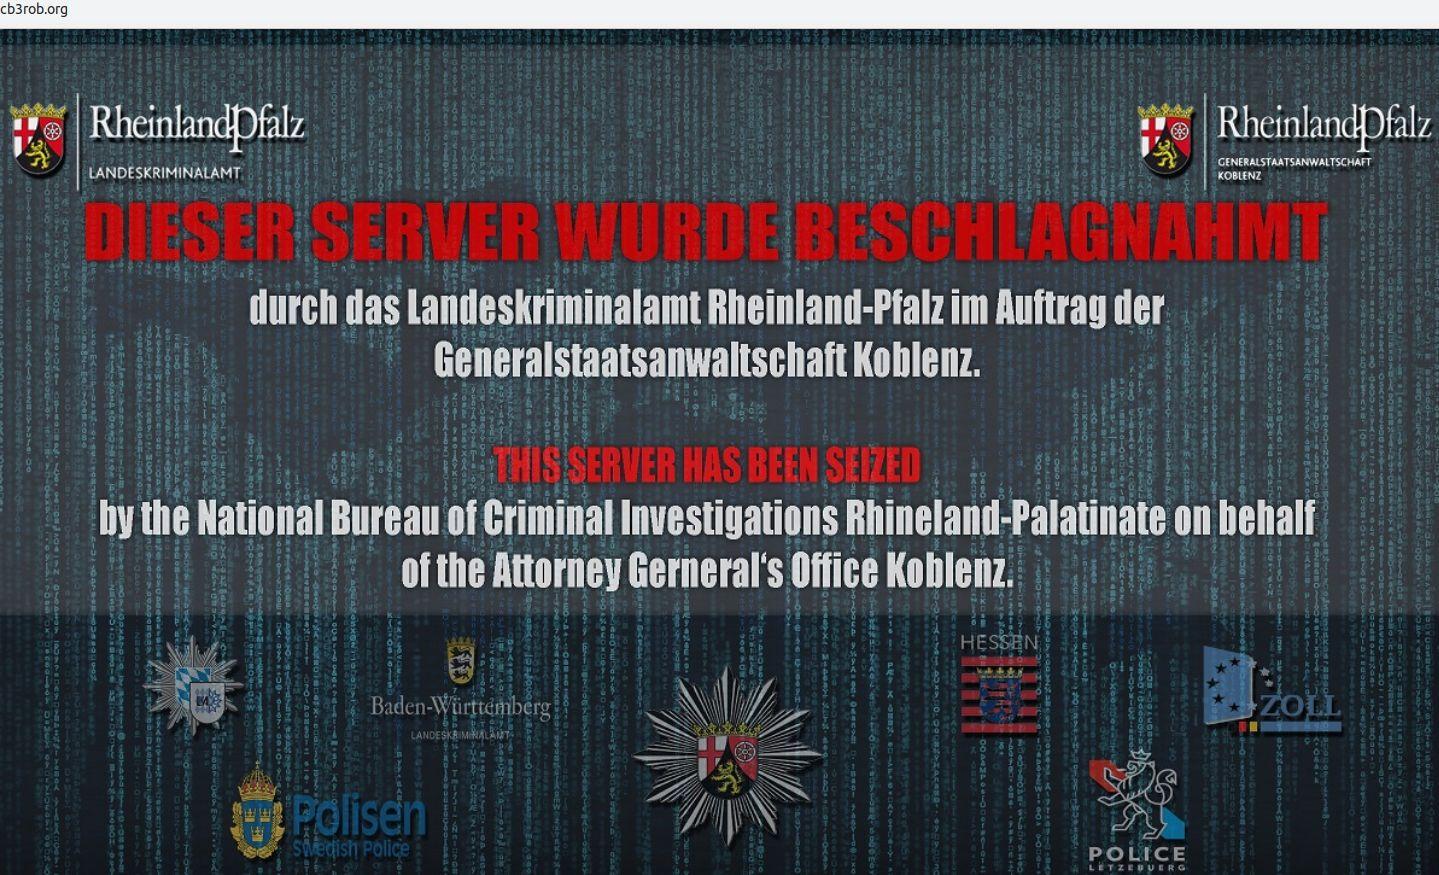 Немецкая полиция взяла штурмом военный бункер, в котором разместился объявивший независимость дата-центр - 9